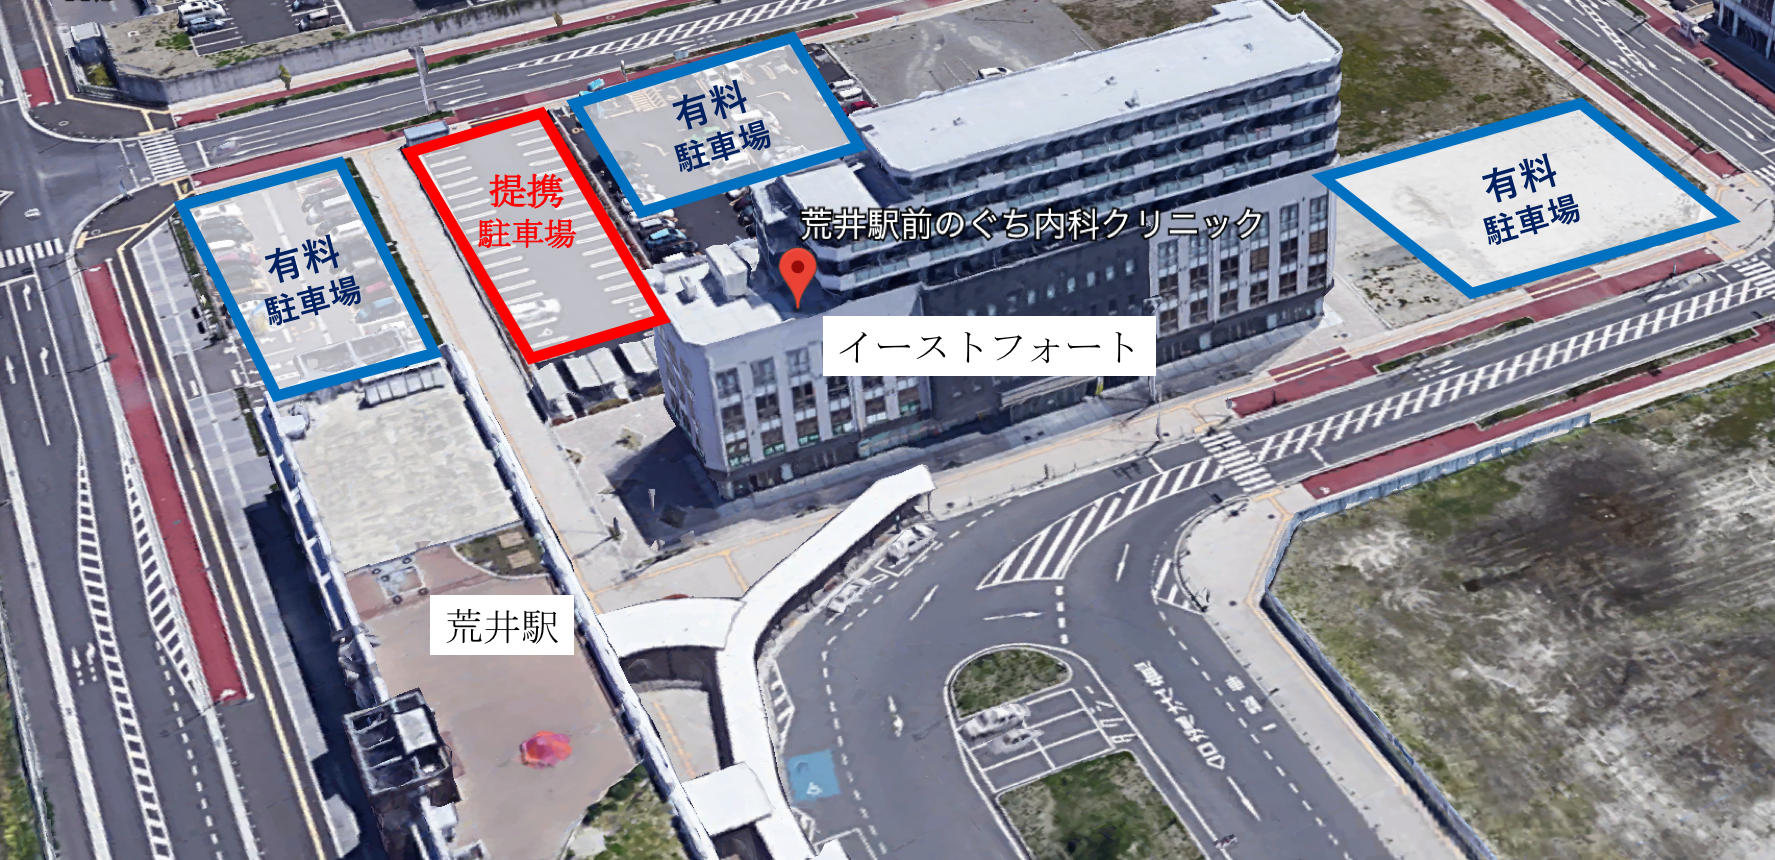 提携駐車場|荒井駅前のぐち内科クリニック